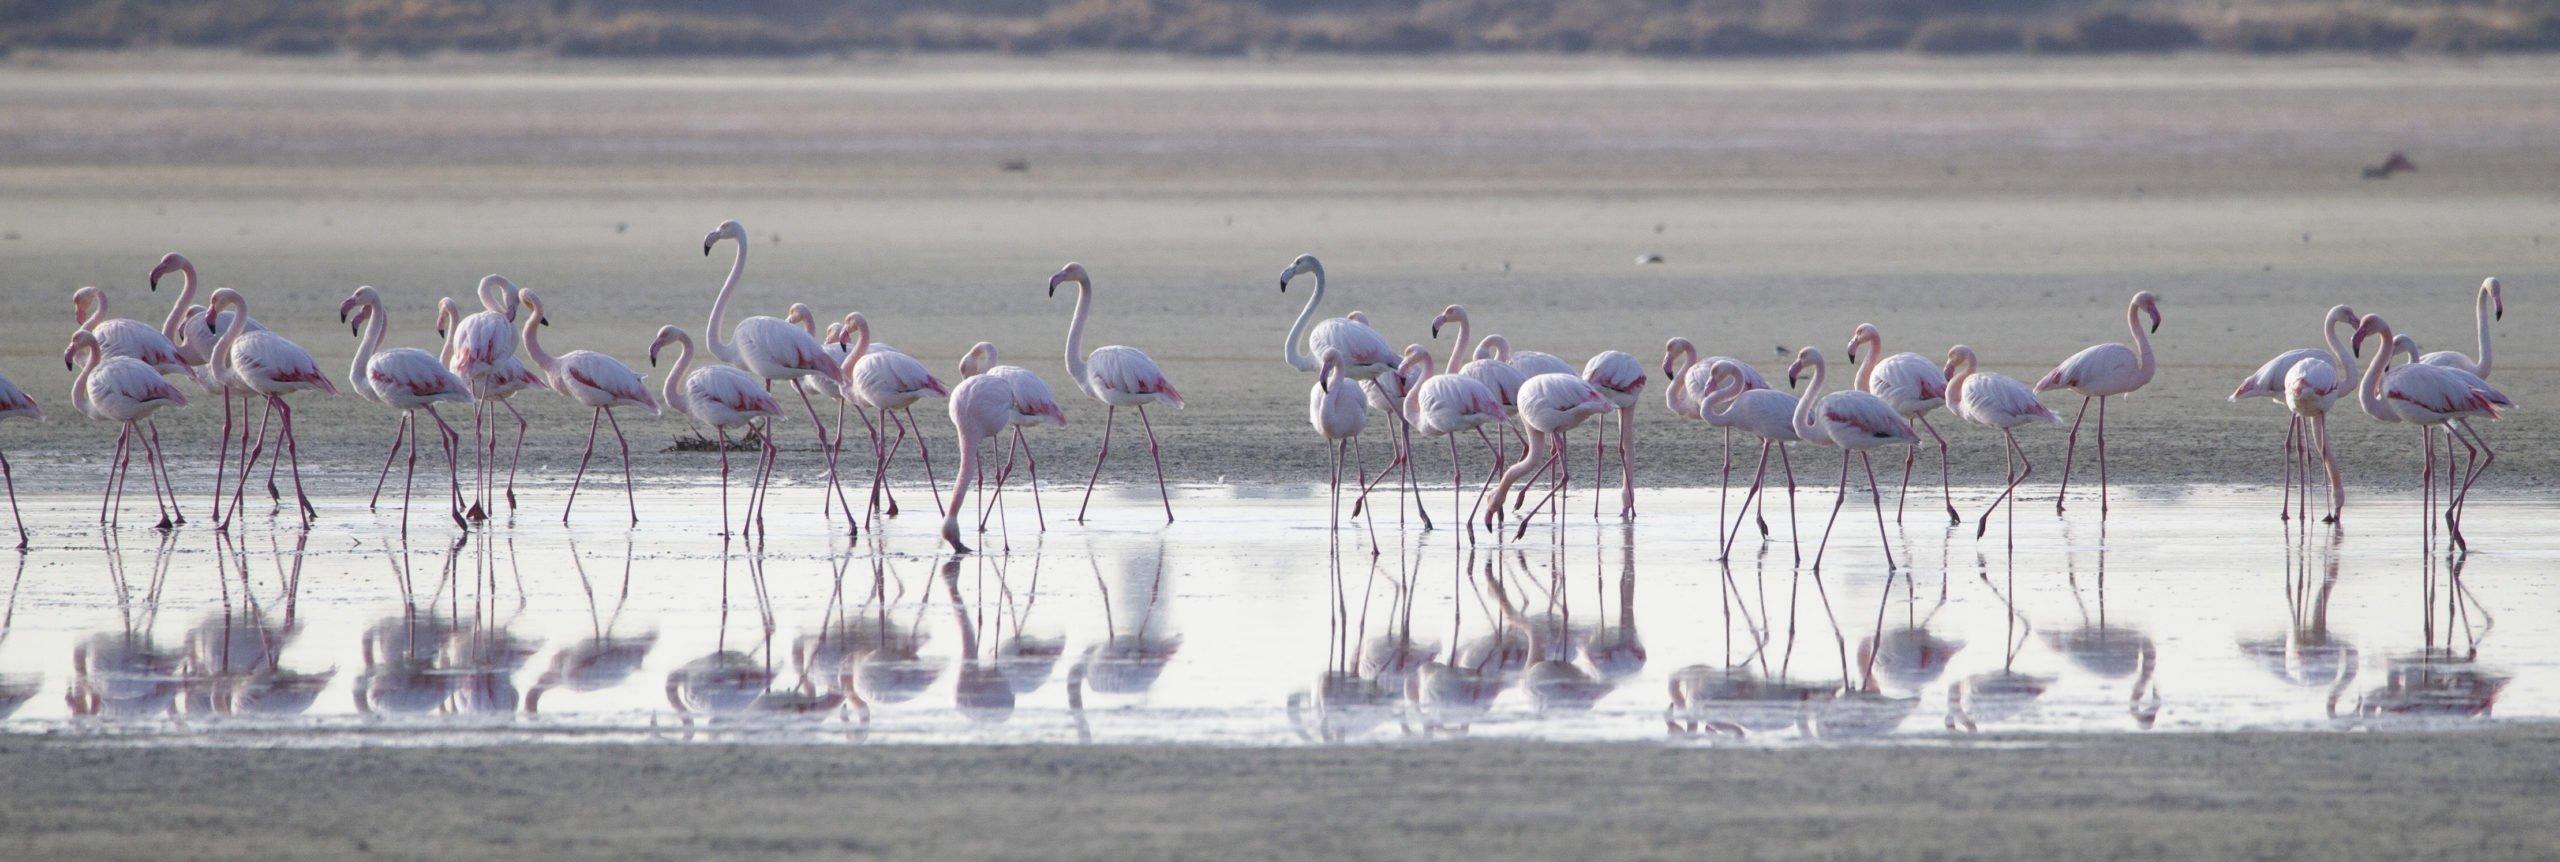 flamingo 13 scaled